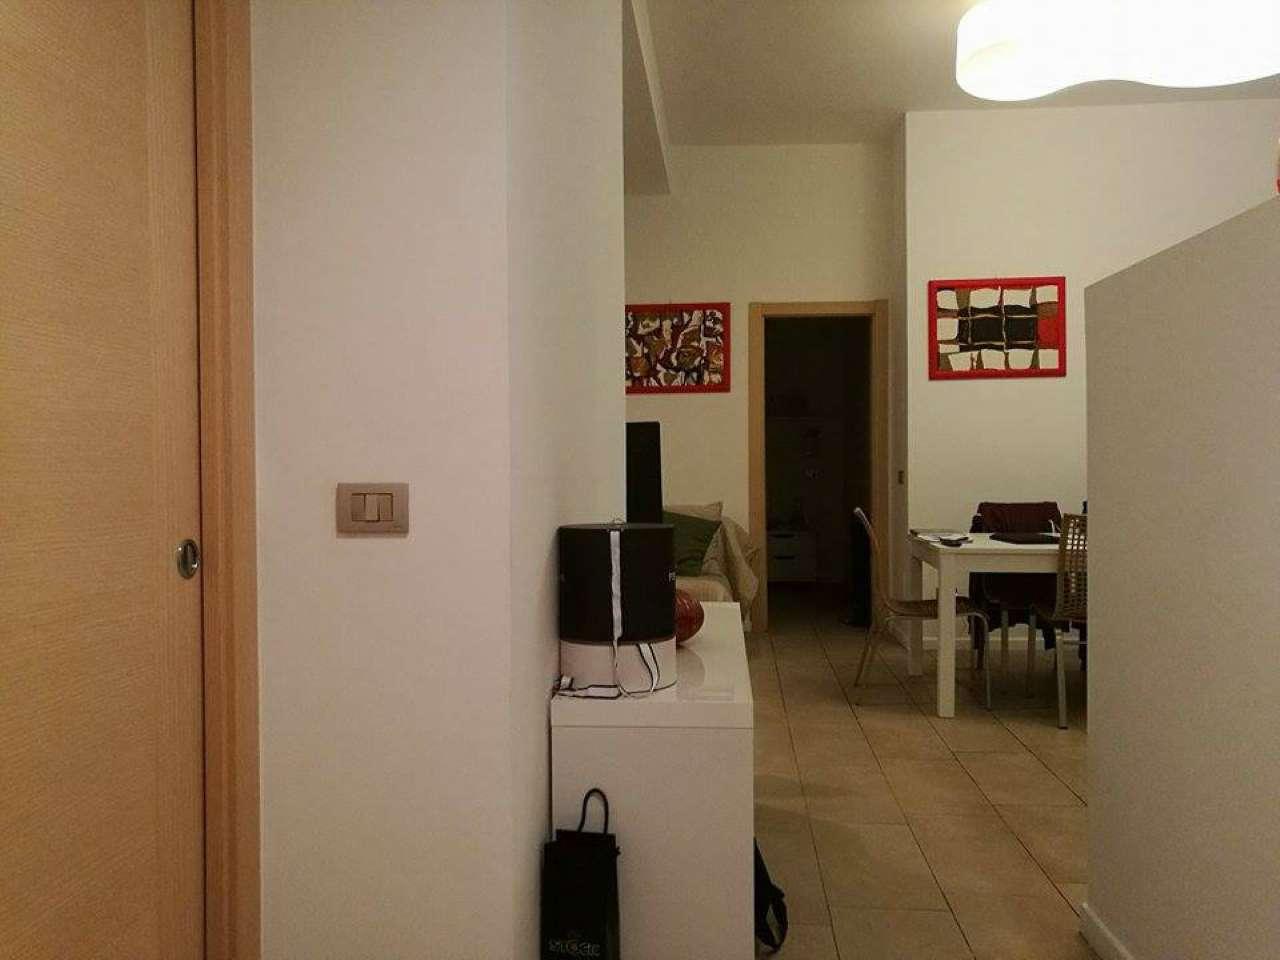 Appartamento in affitto a Milano, 3 locali, zona Zona: 1 . Centro Storico, Duomo, Brera, Cadorna, Cattolica, prezzo € 1.600 | CambioCasa.it